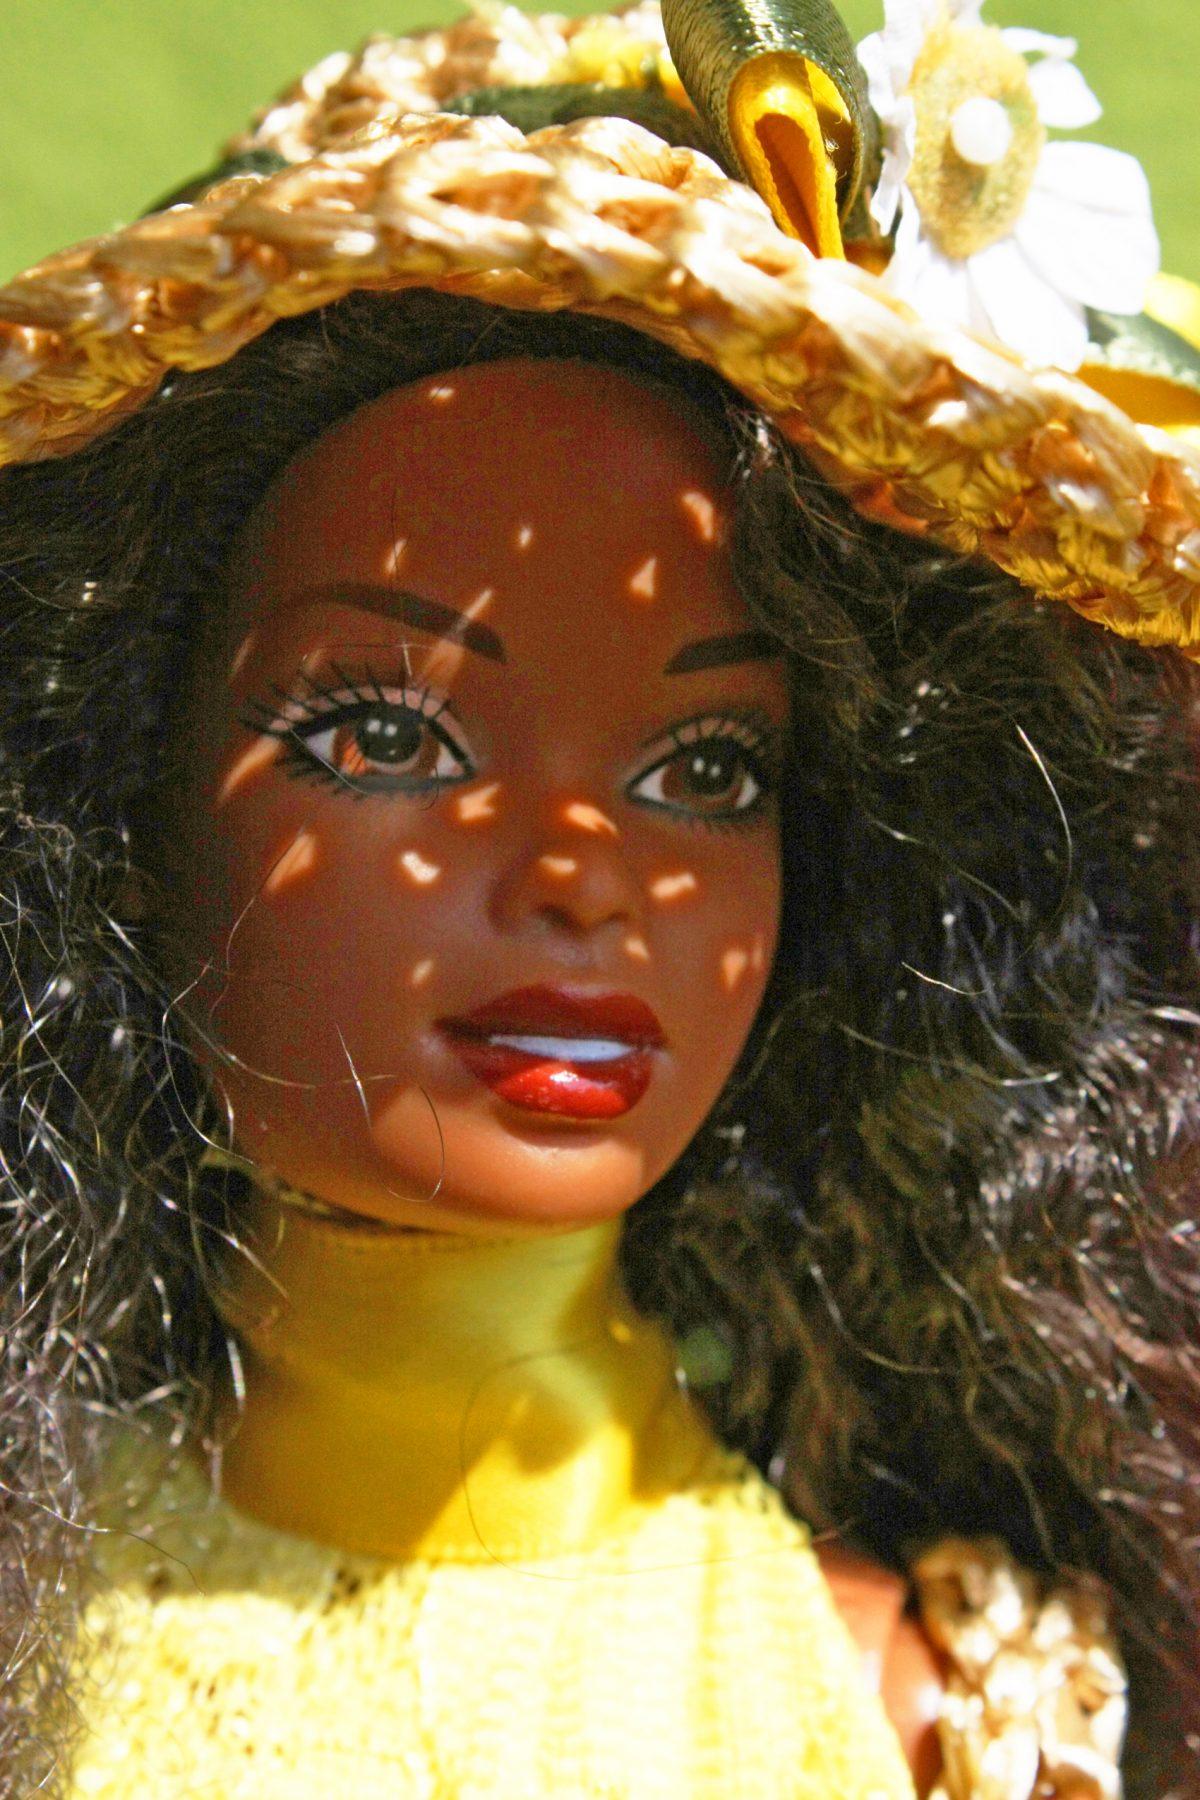 Creazioni per Barbie – Accessori 01: Borsa e cappello di paglia, primo tentativo